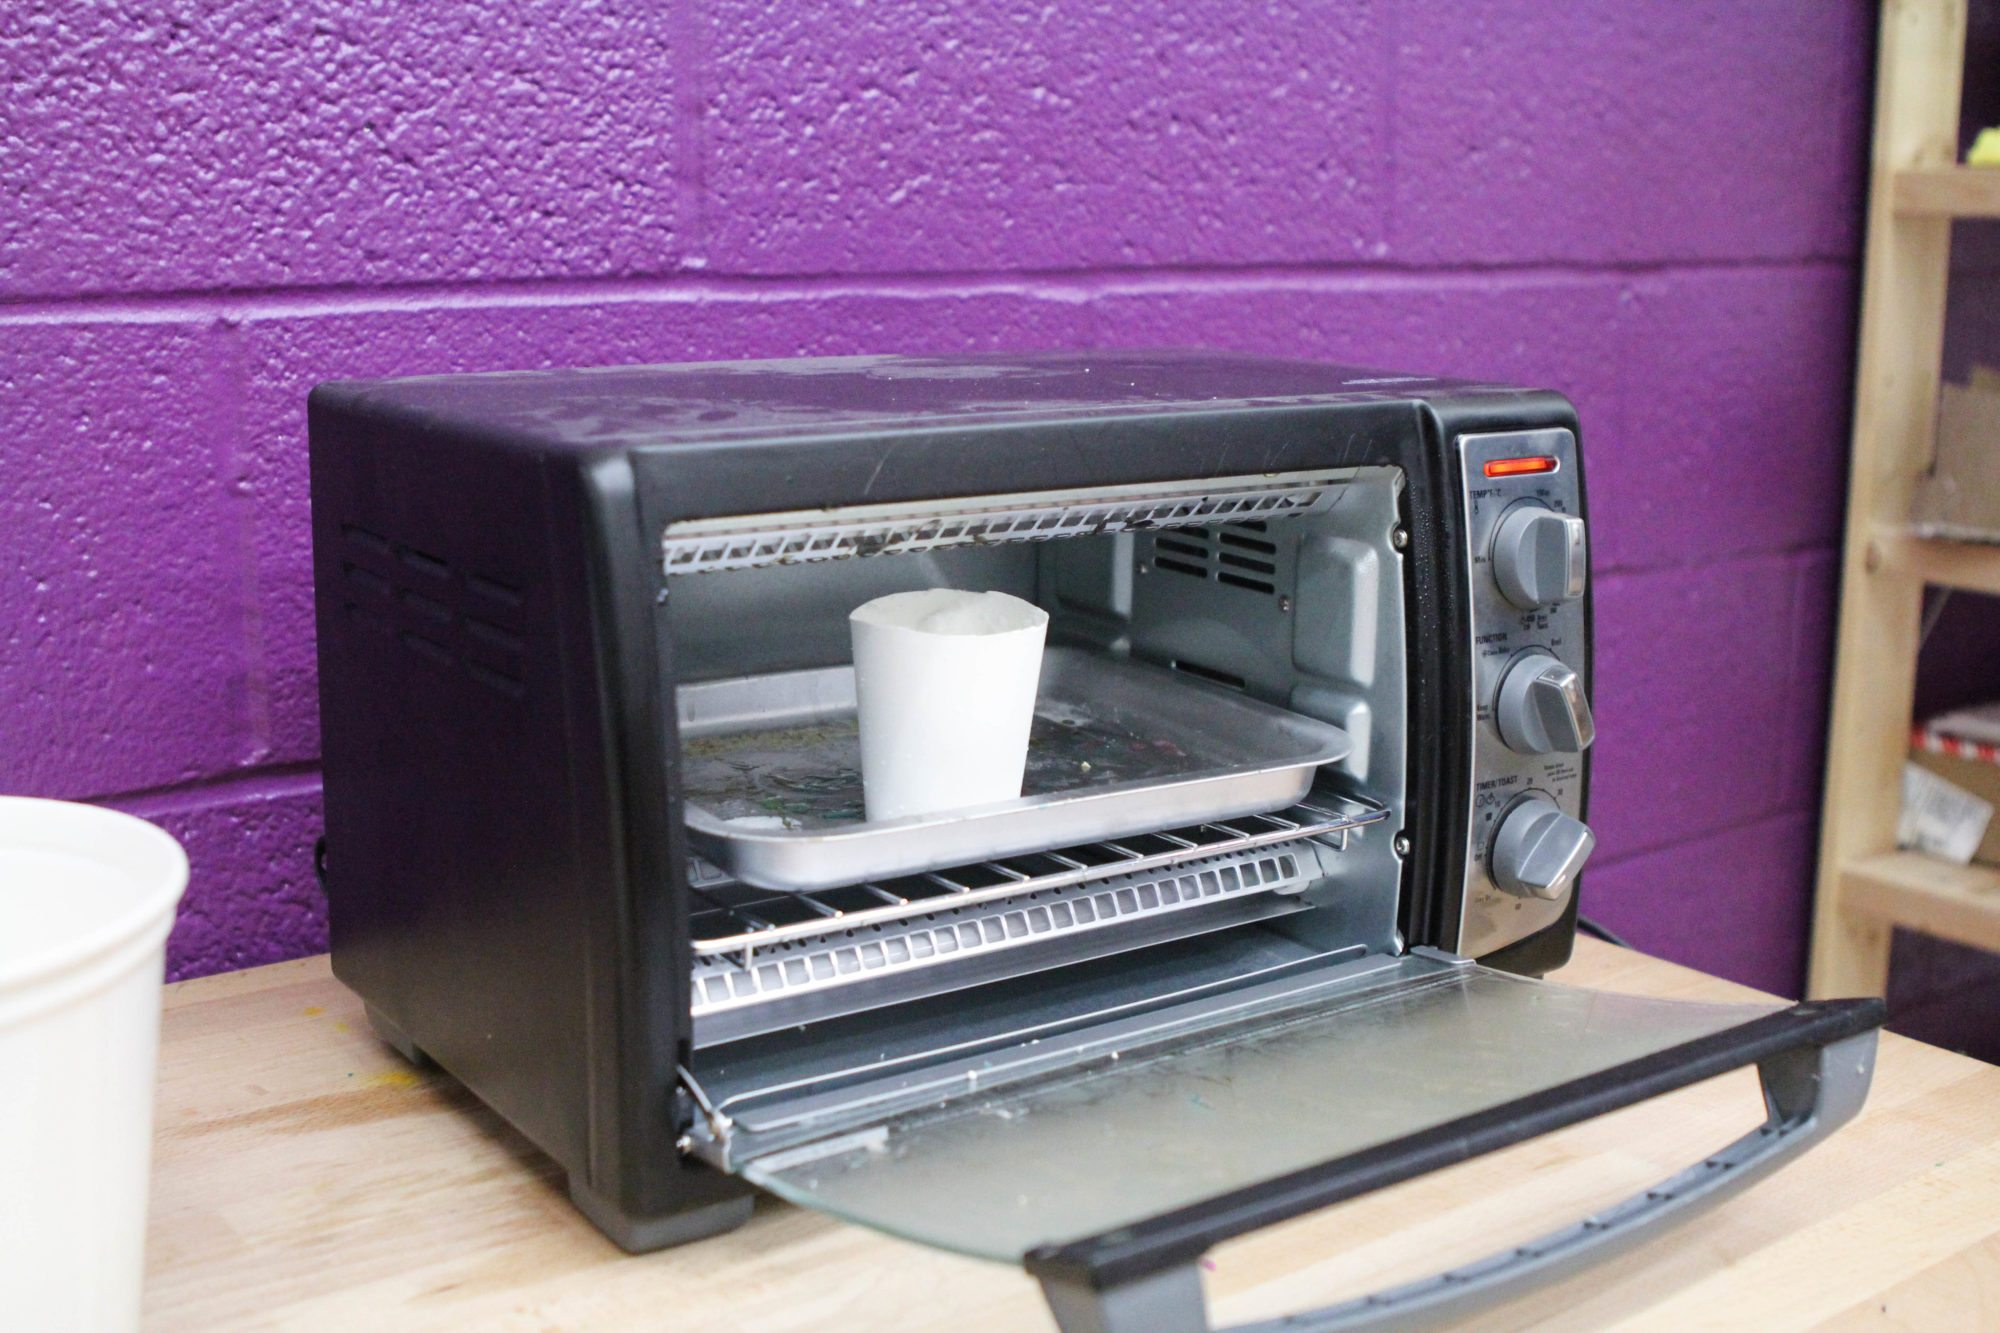 Pt 2 Step 6 - Melt in toaster